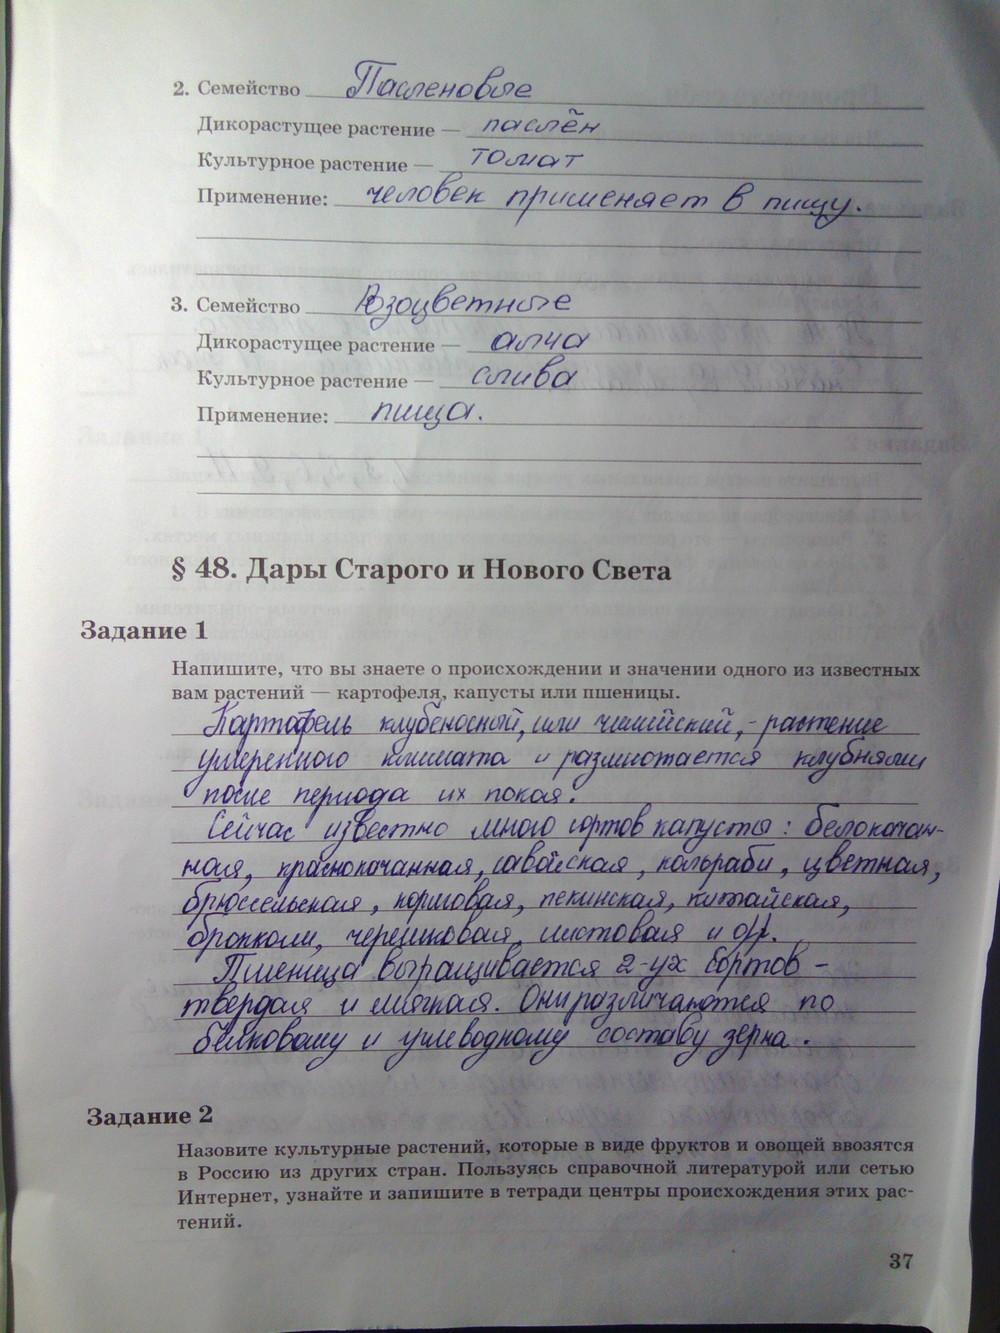 Гдз биология 9 класс рабочая тетрадь корнилова 2018